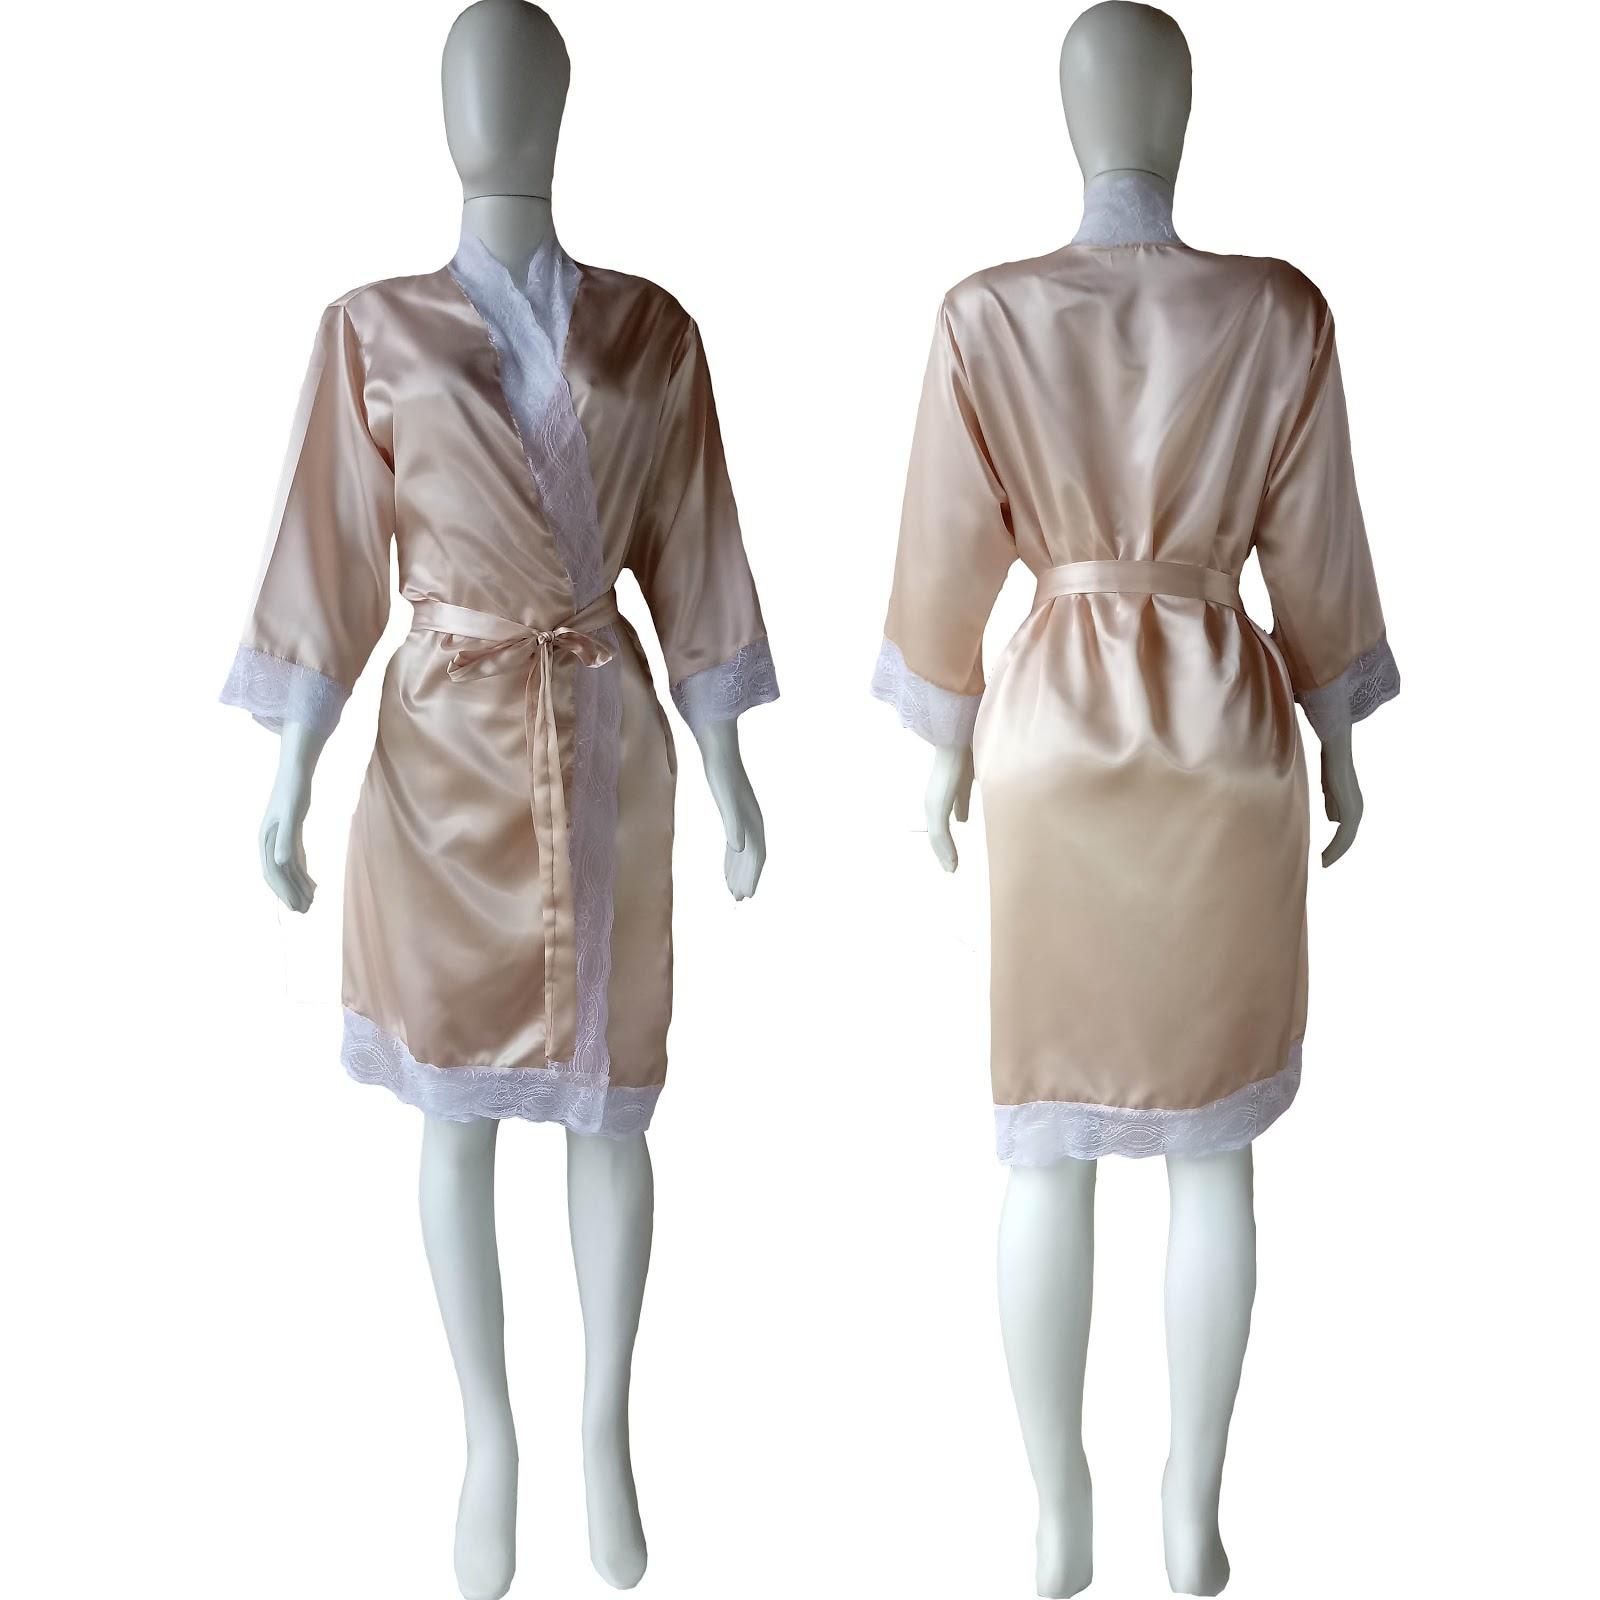 bd553e2e3eddd5 SuperIntima: Robe de Cetim Feminino Com Renda Cor Rosa Nuvem com ...